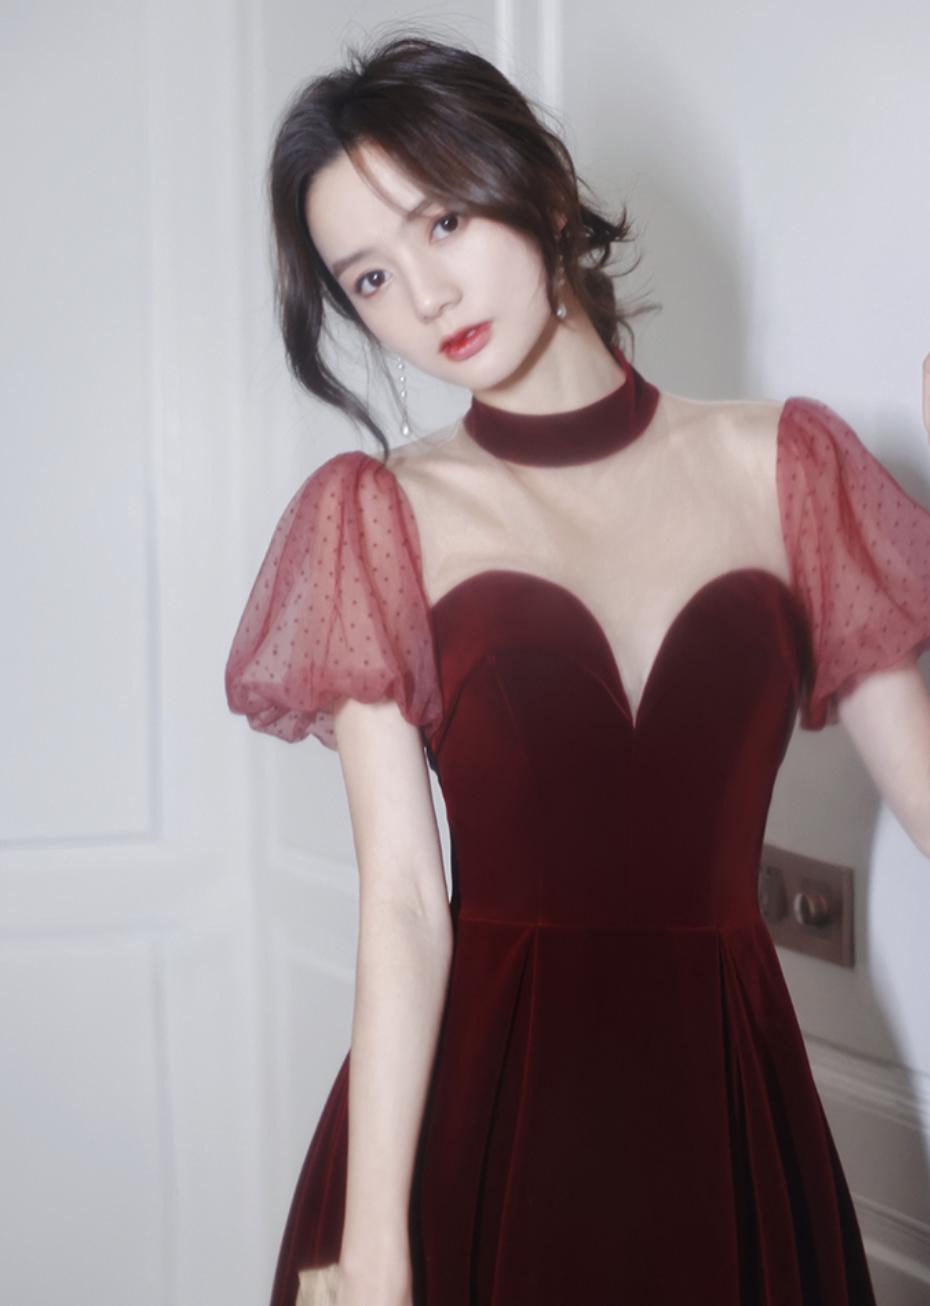 【NEW 】真っ赤に染まった赤いロングドレスはいかが?